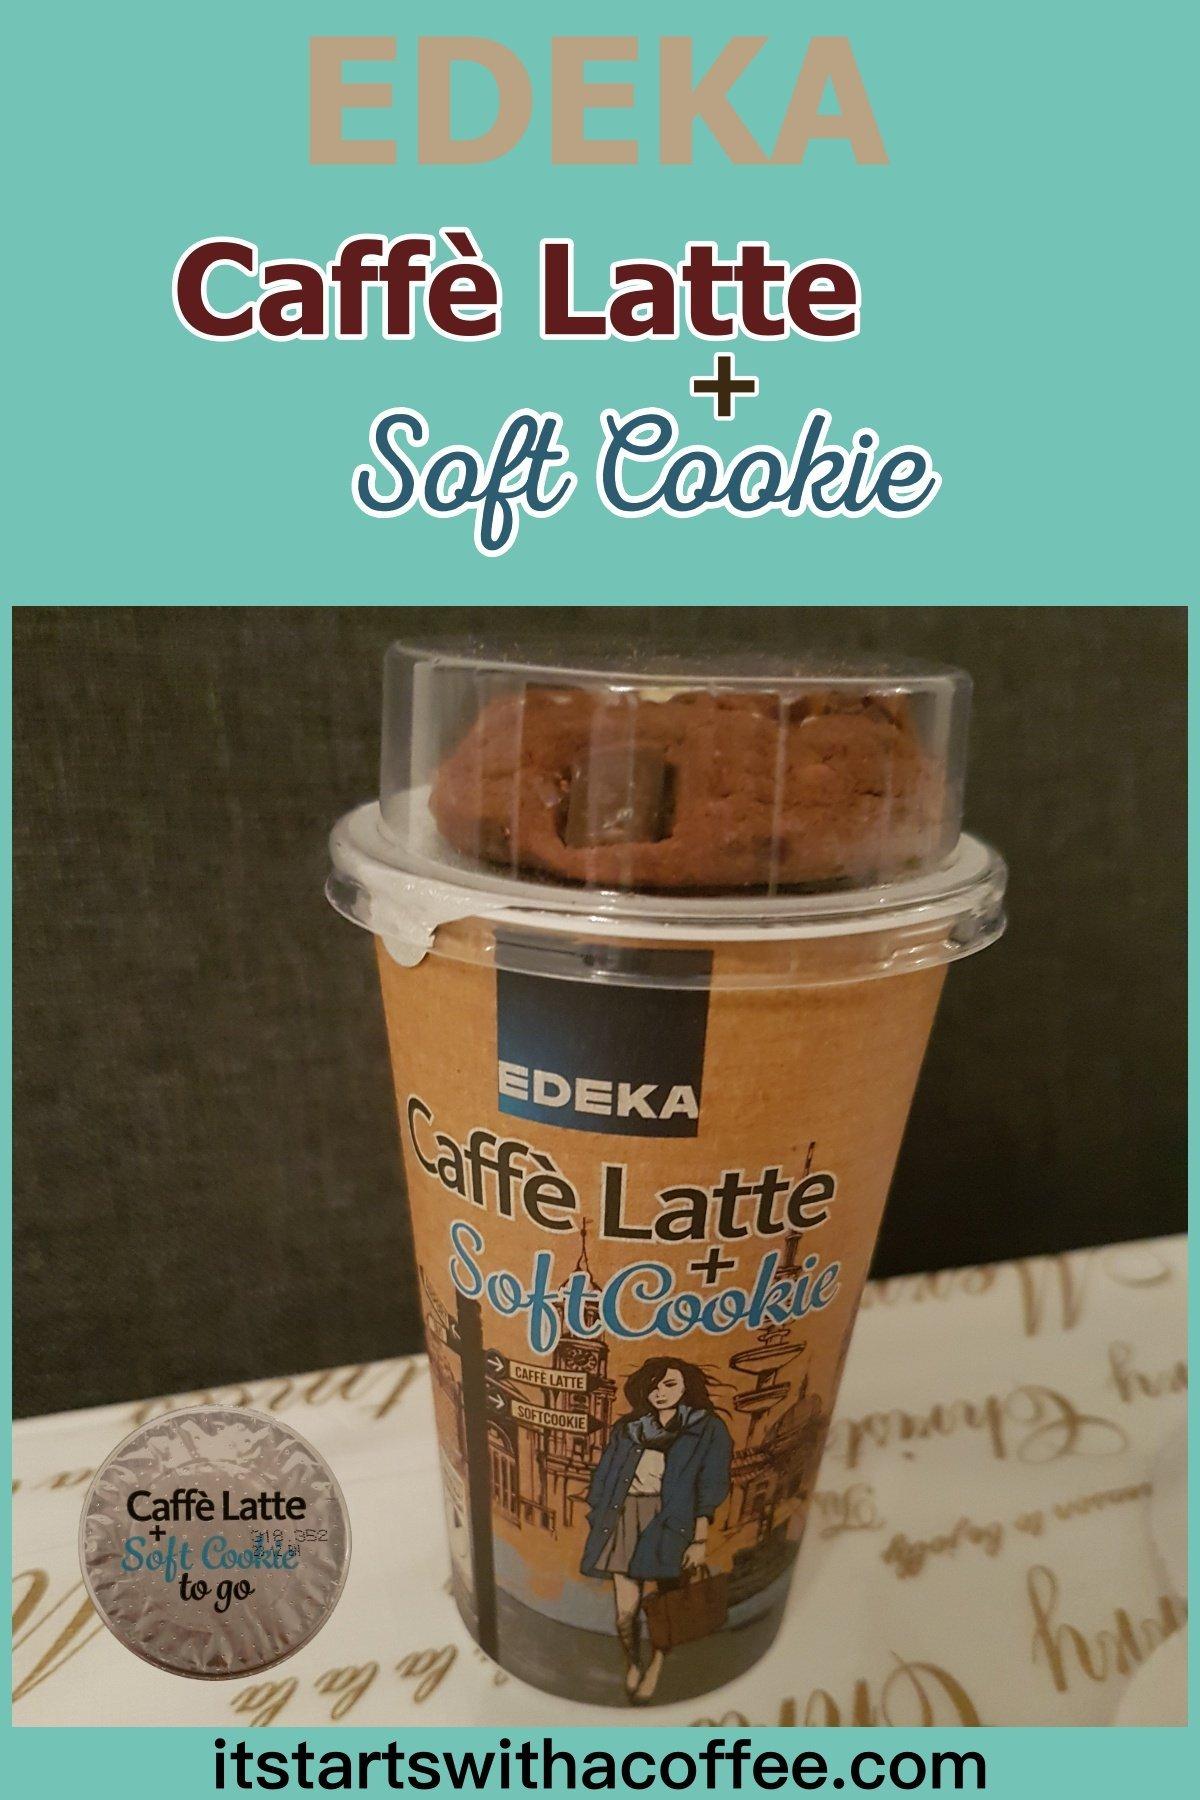 EDEKA — Caffè Latte + Soft Cookie - itstartswithacoffee.com #coffee #caffelatte #latte